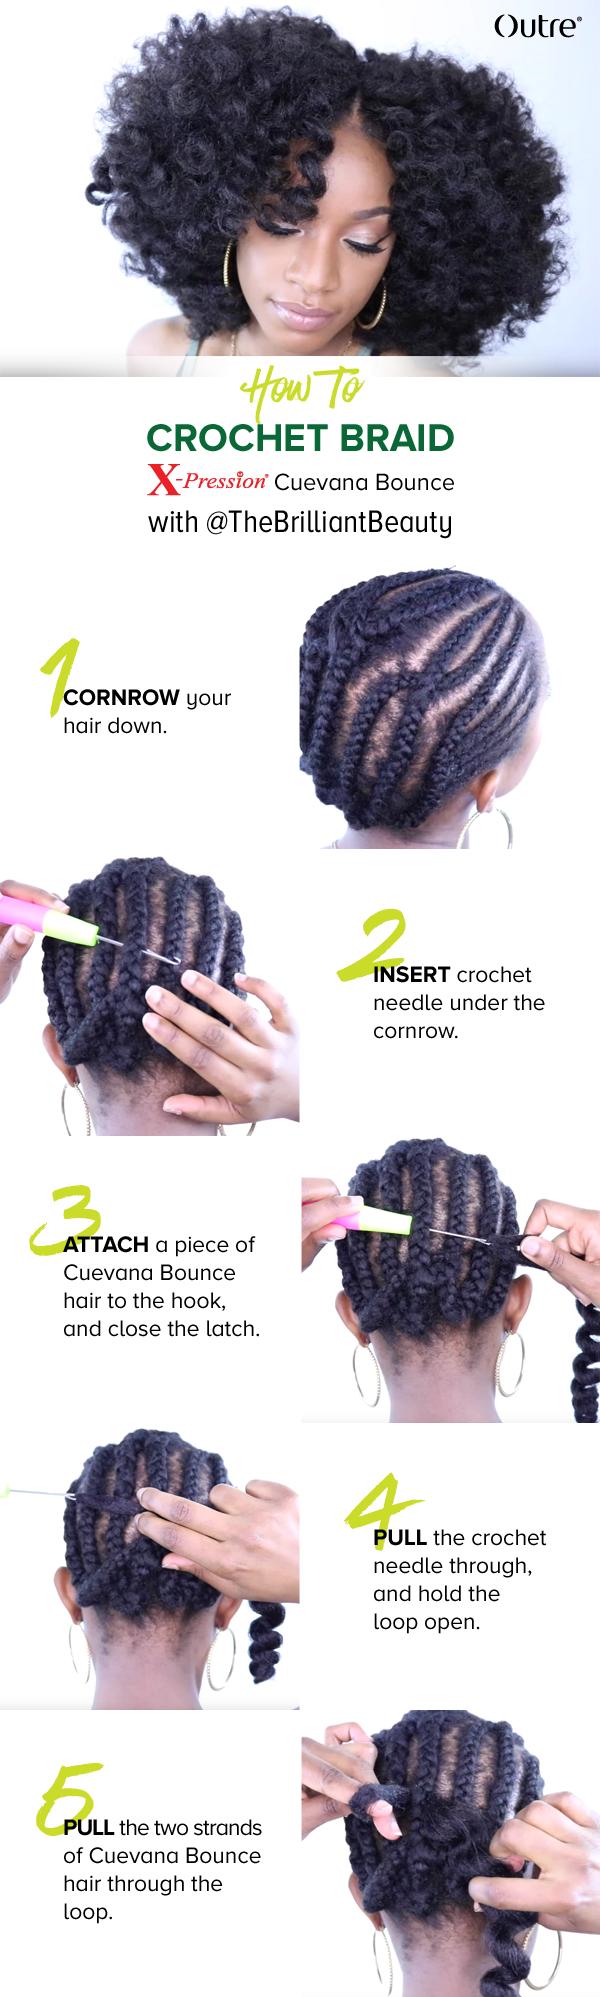 Pin de Mélanie DIPANDA en coiffures afro | Pinterest | Trenza ...